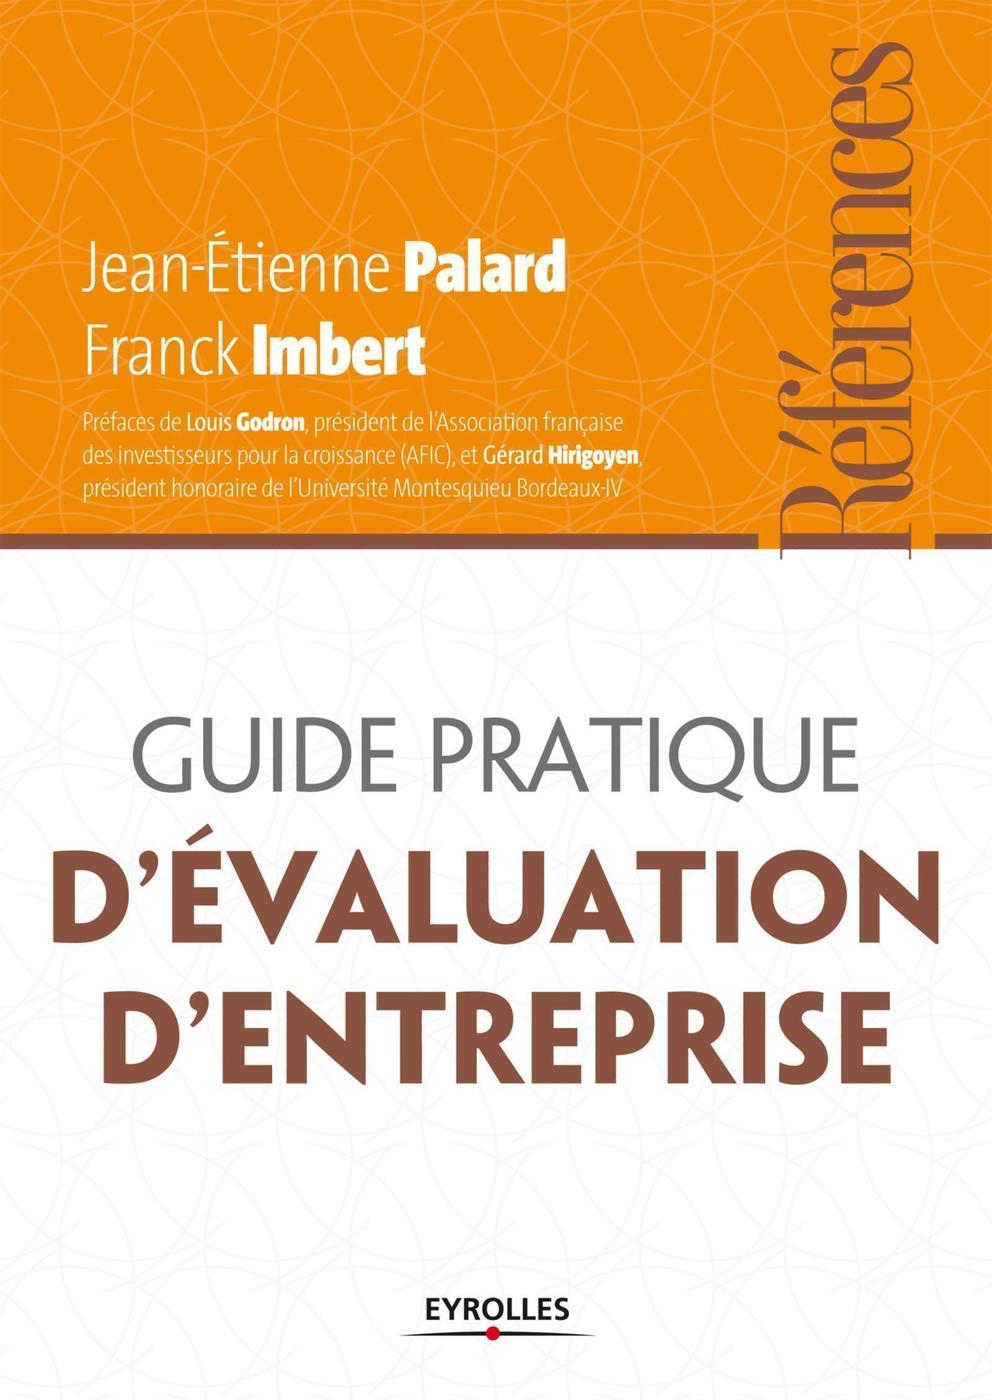 9b4973b7158 Guide pratique d évaluation d entreprise - Jean-Etienne Palard ...